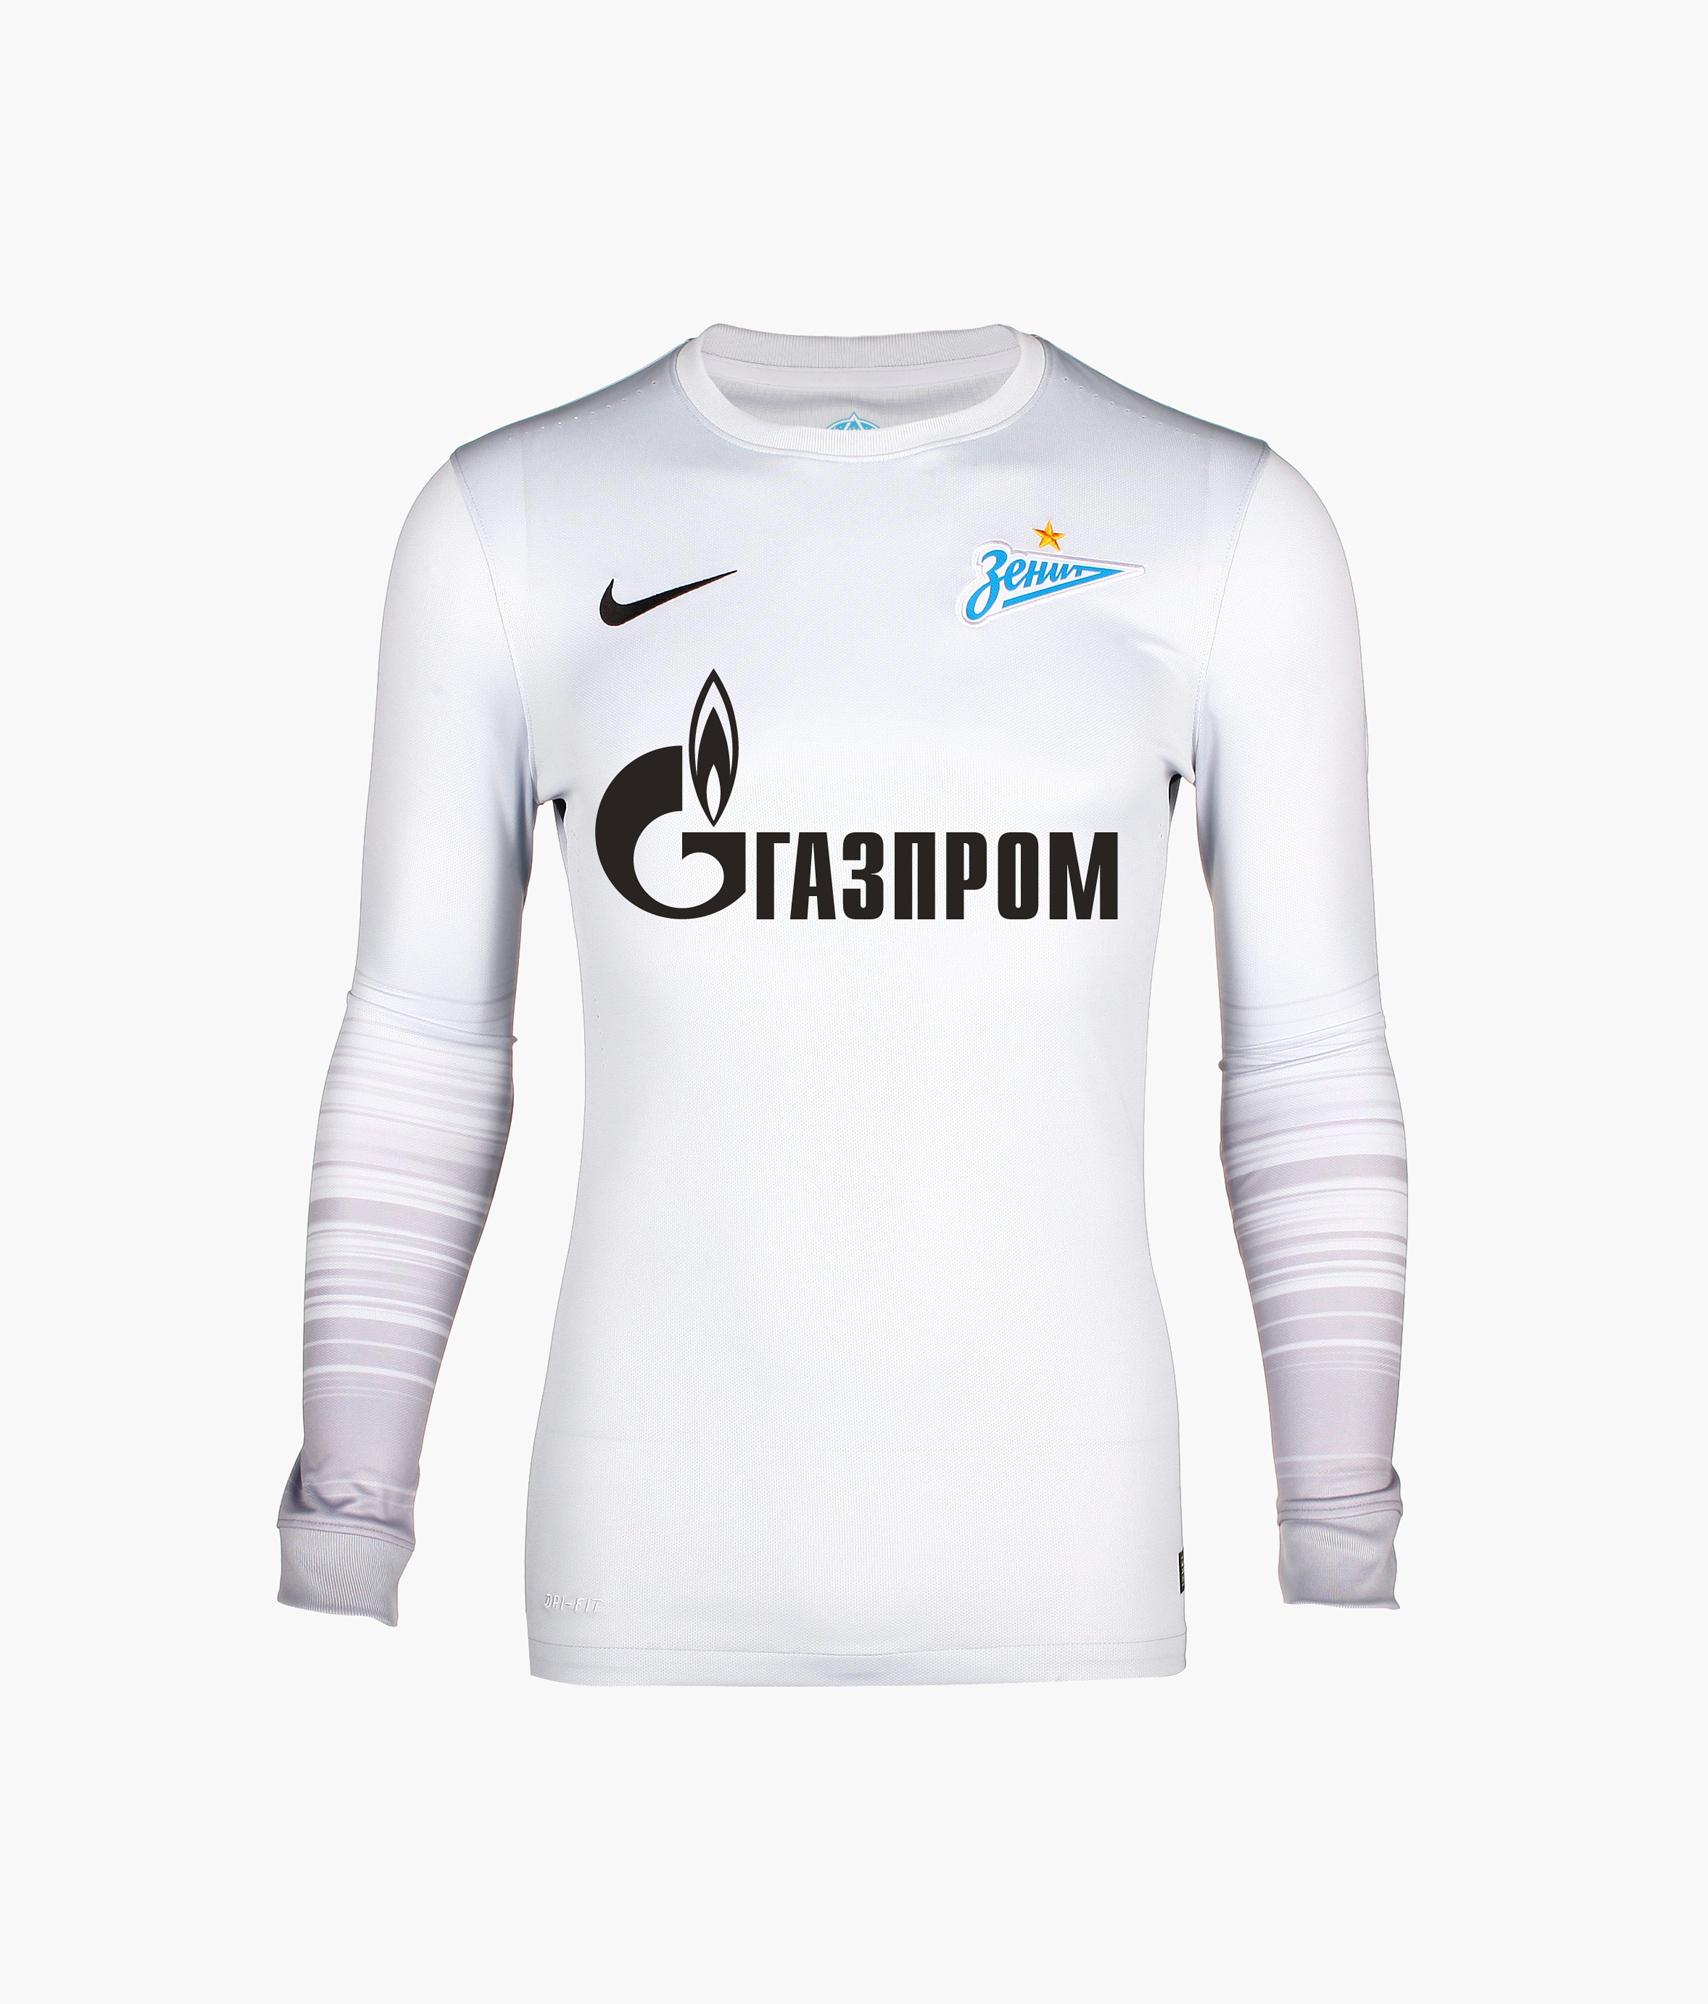 Оригинальная выездная футболка Nike с длинным рукавом Nike Цвет-Серый игровая выездная футболка цвет белый размер l